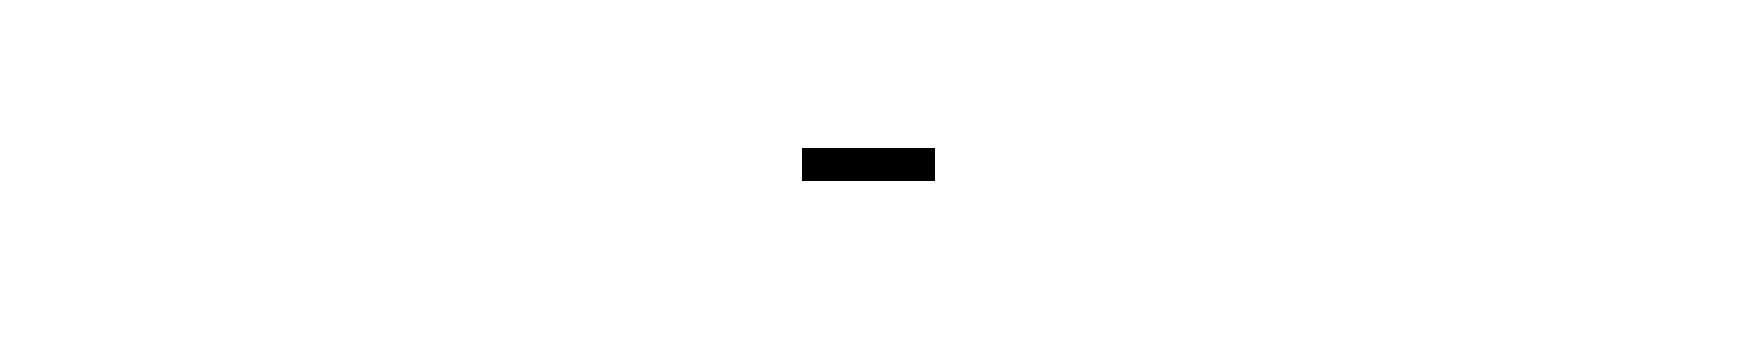 MustIllus-copie-2